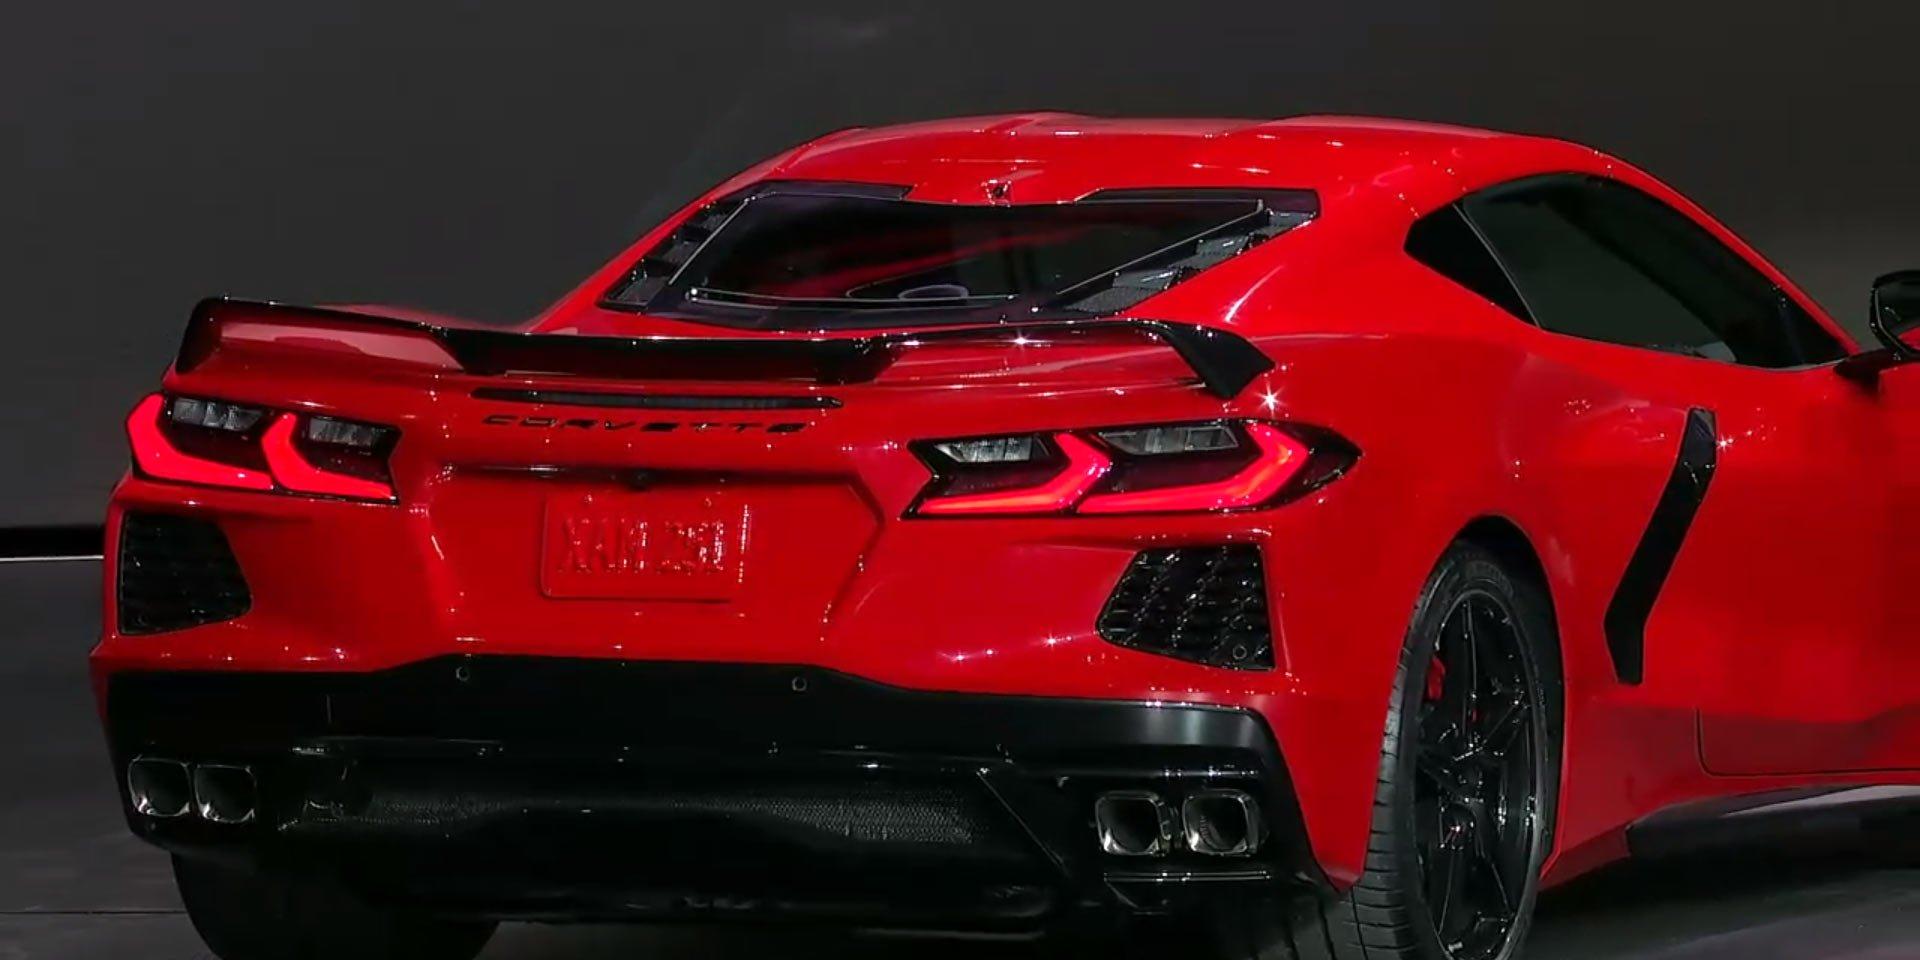 Chevrolet ra mắt Corvette C8 thế hệ mới thiết kế táo bạo, động cơ đặt giữa - 19